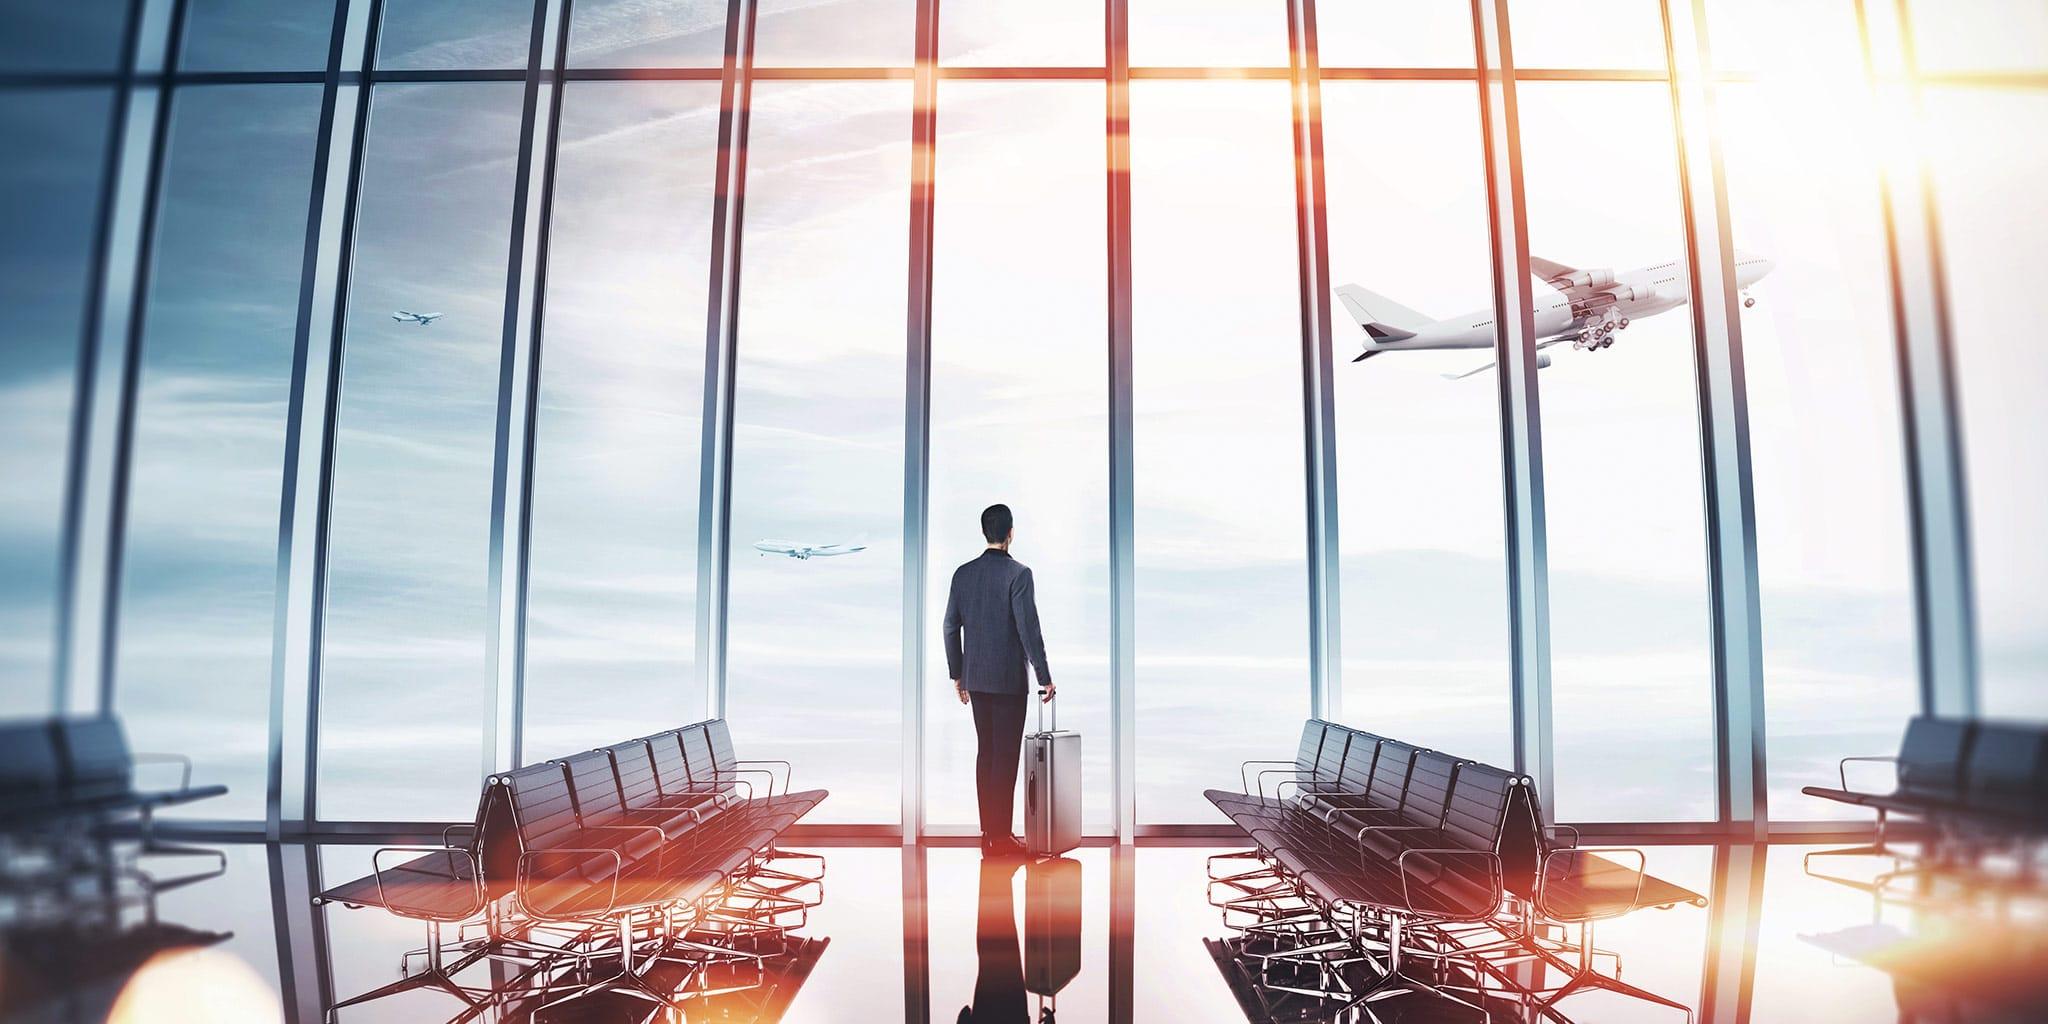 Man met een koffer kijkt naar de vliegtuigen in de lucht